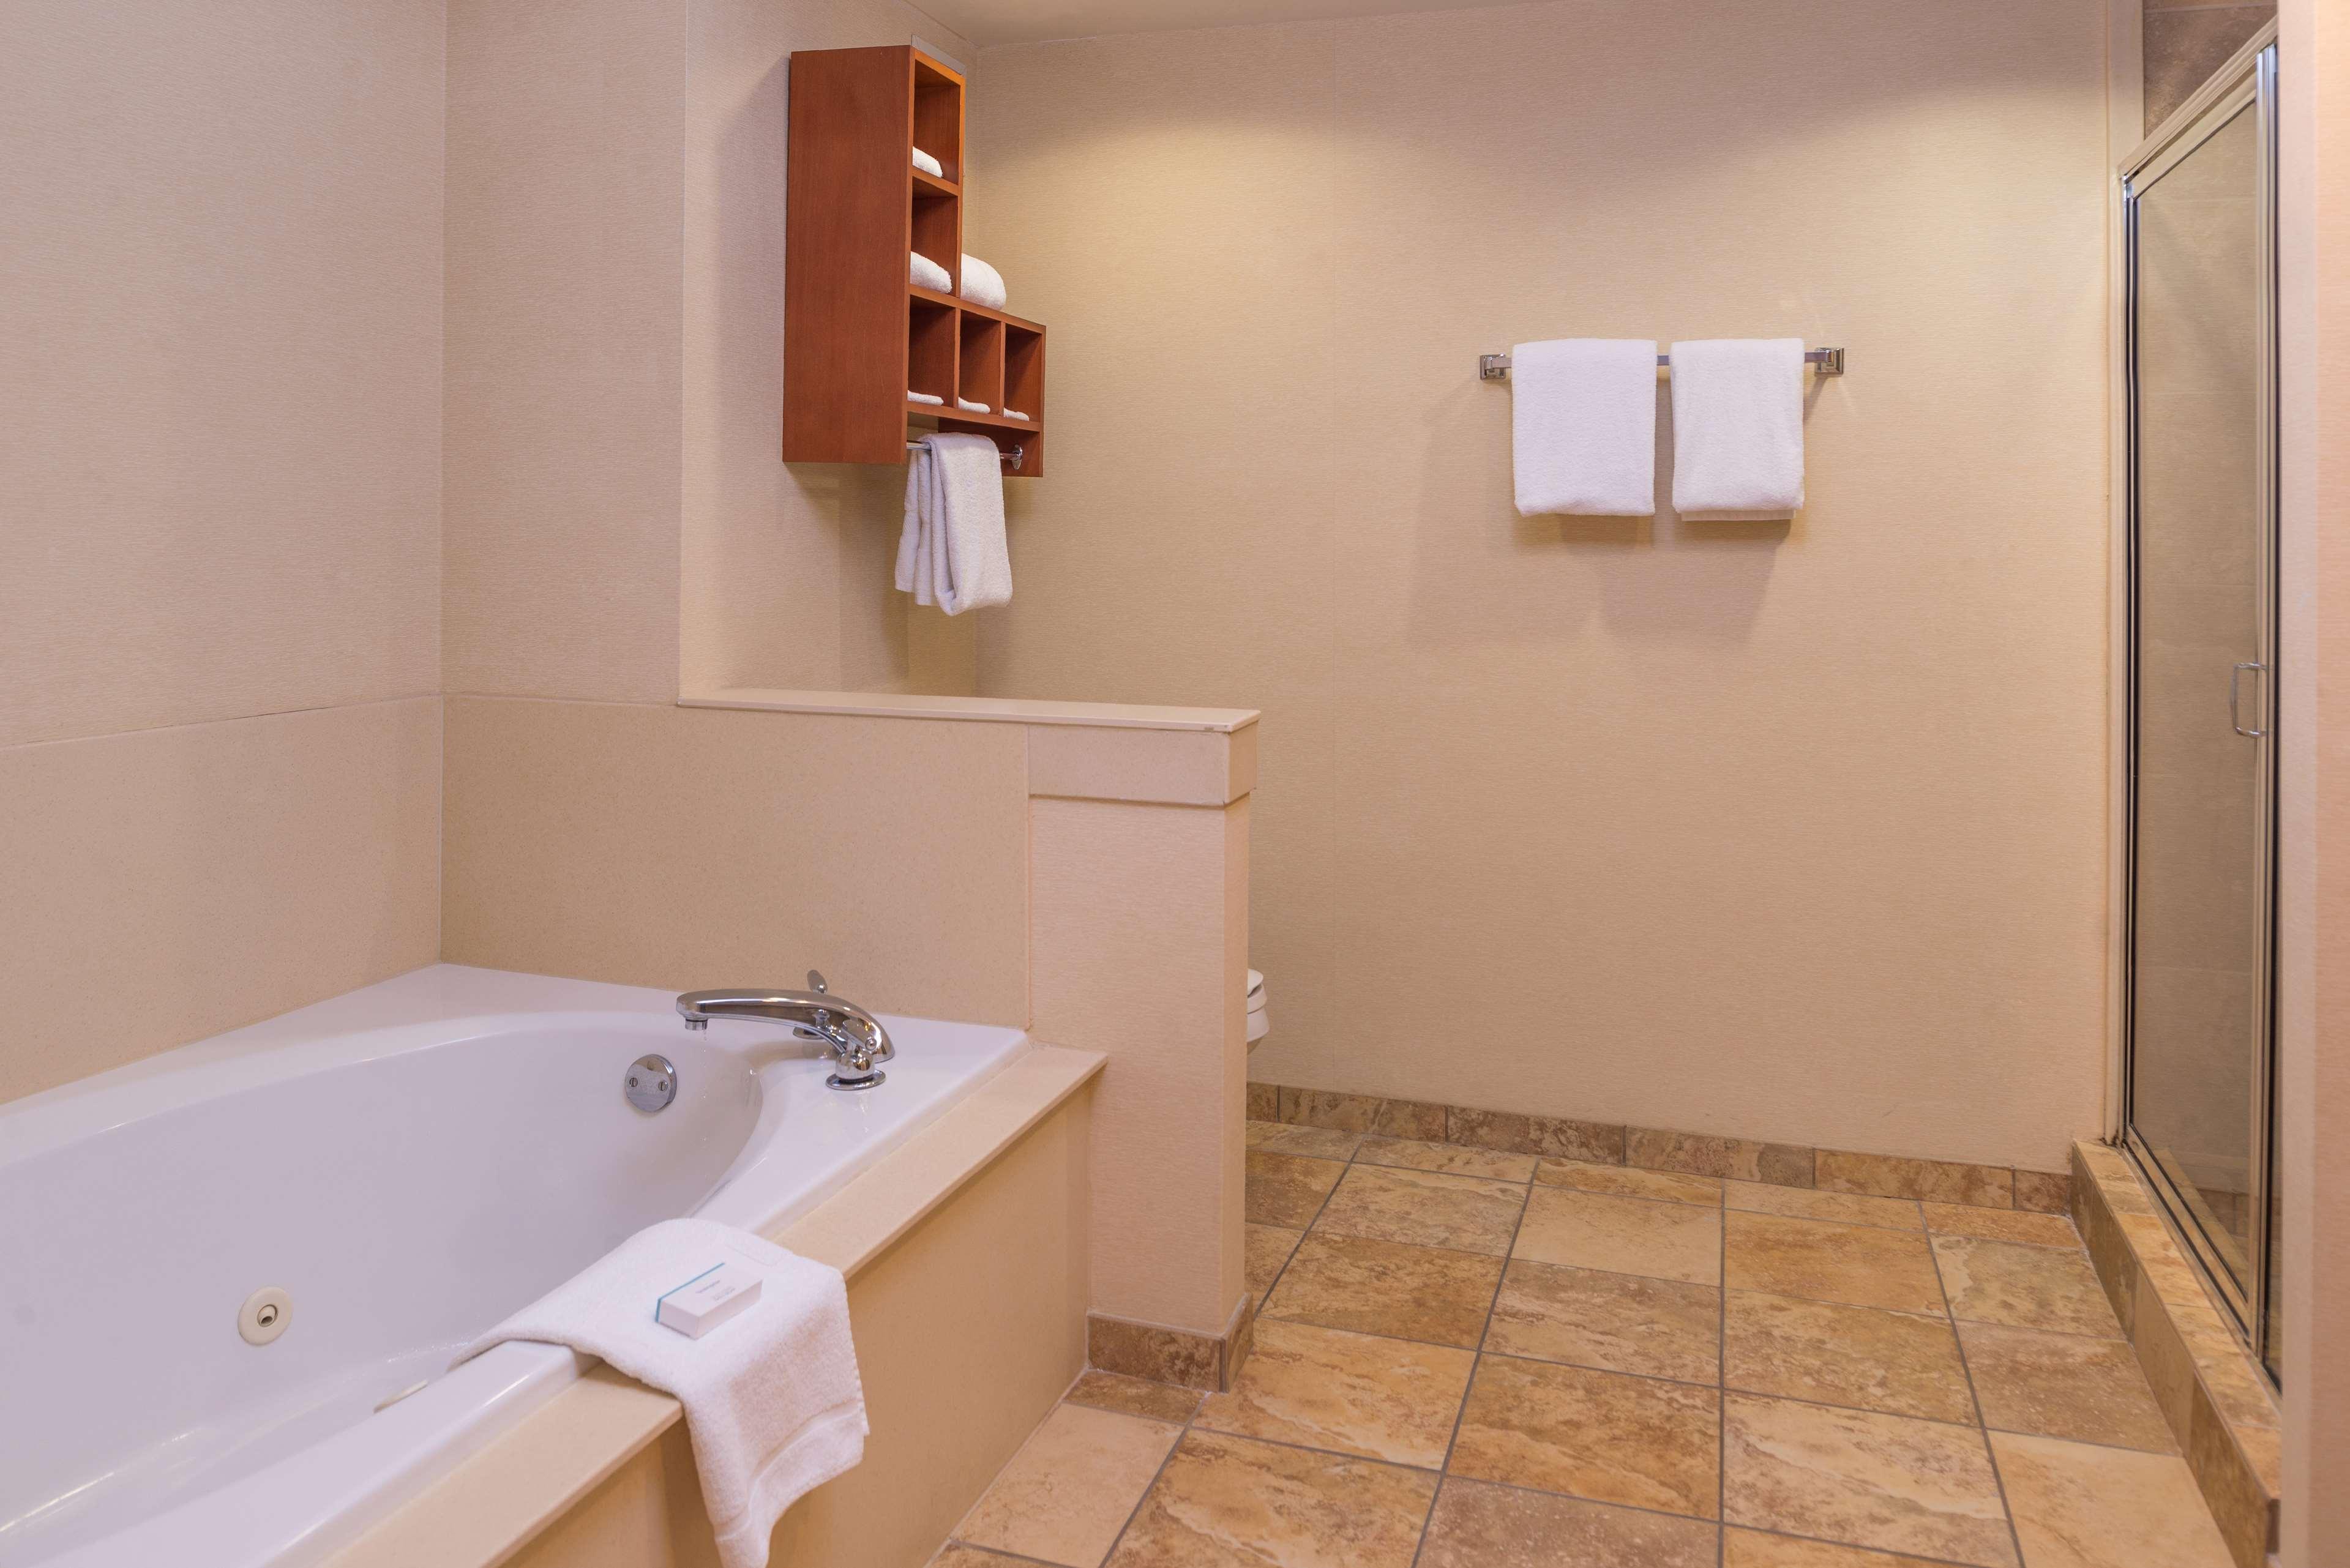 Hampton Inn & Suites Charlotte-Arrowood Rd. image 39